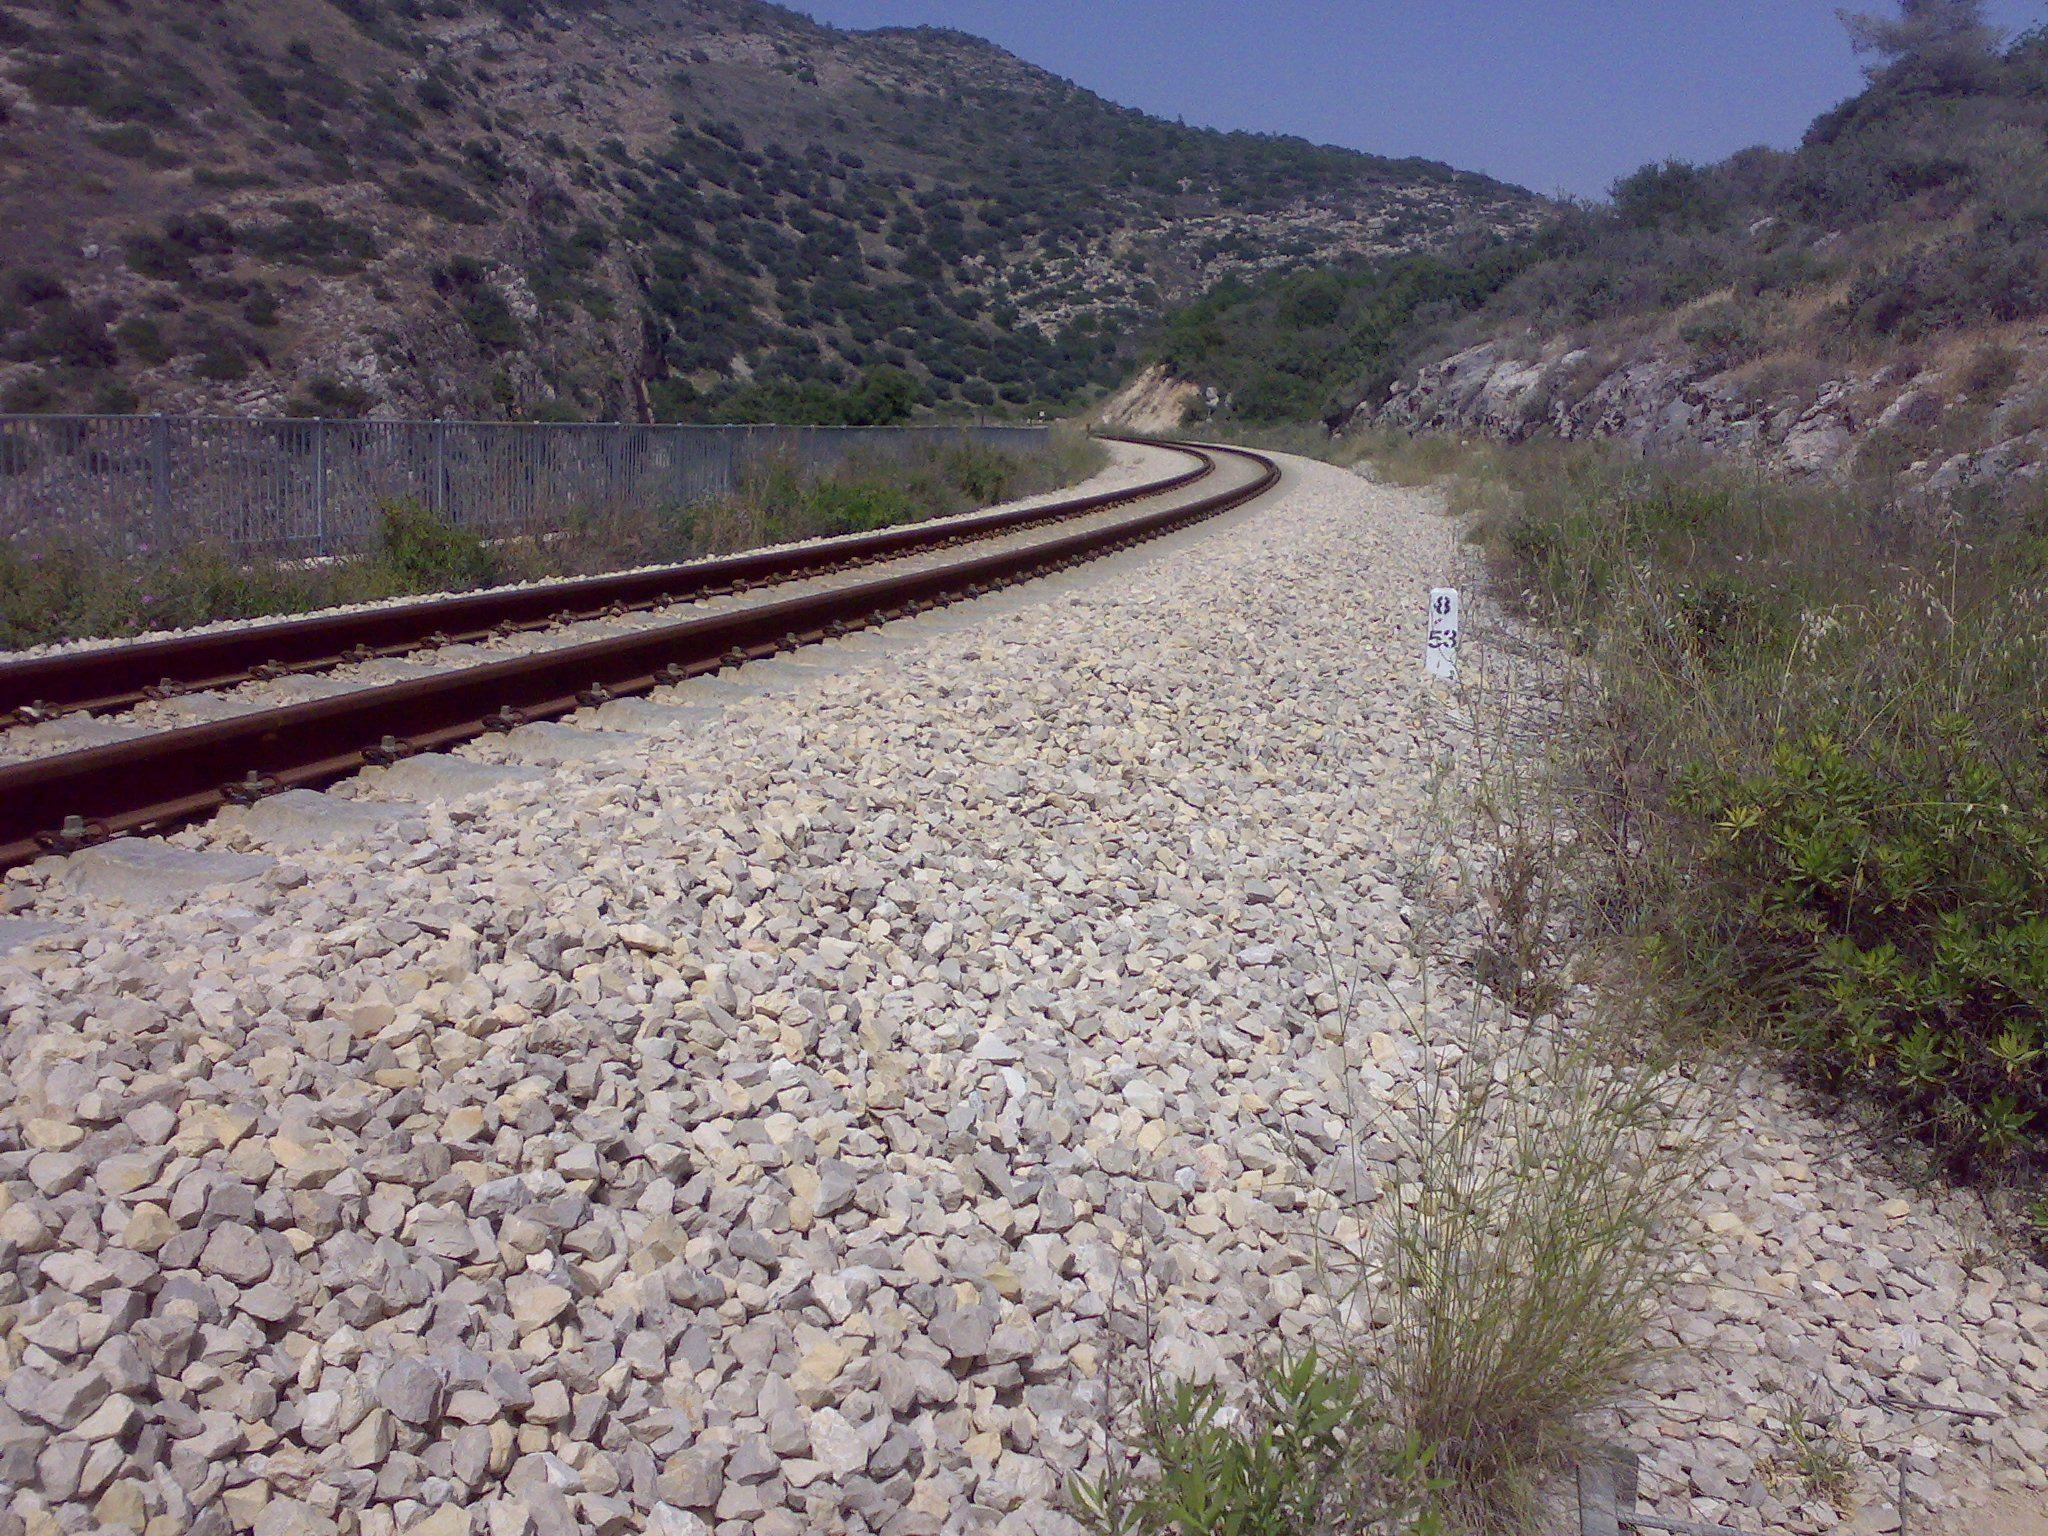 טיול בנחל שרק, מסילת הרכבת ירושלים-בית שמש